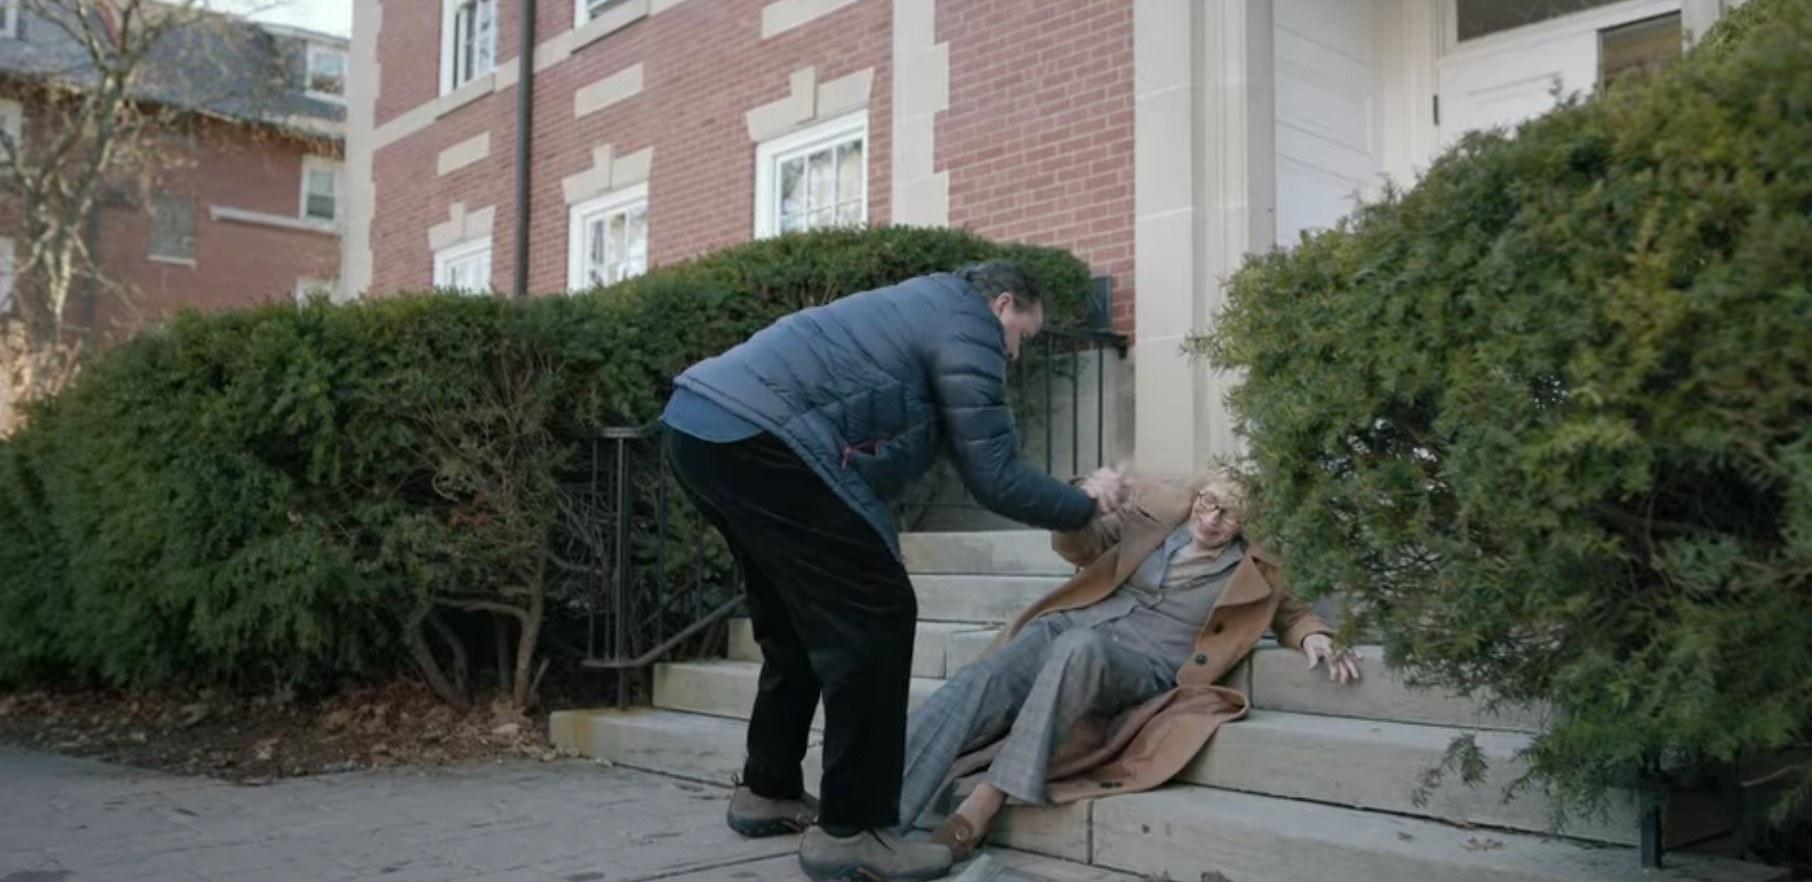 Joan falls down